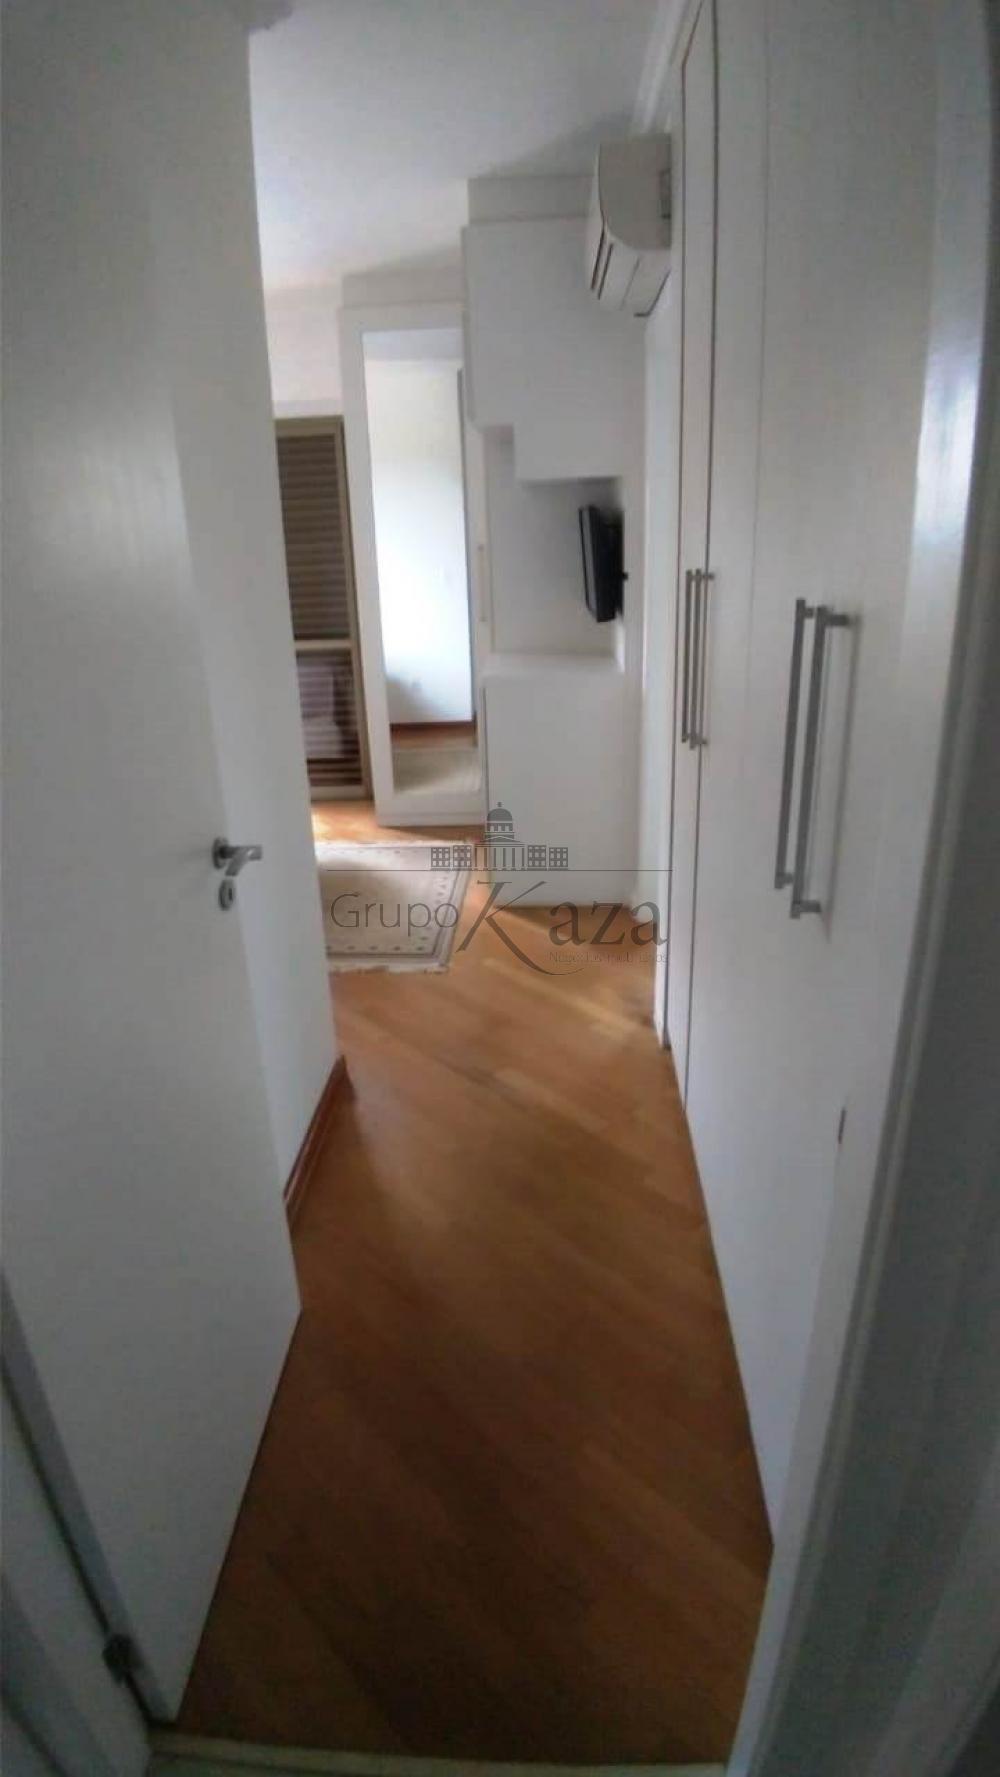 alt='Comprar Apartamento / Padrão em São José dos Campos R$ 930.000,00 - Foto 21' title='Comprar Apartamento / Padrão em São José dos Campos R$ 930.000,00 - Foto 21'